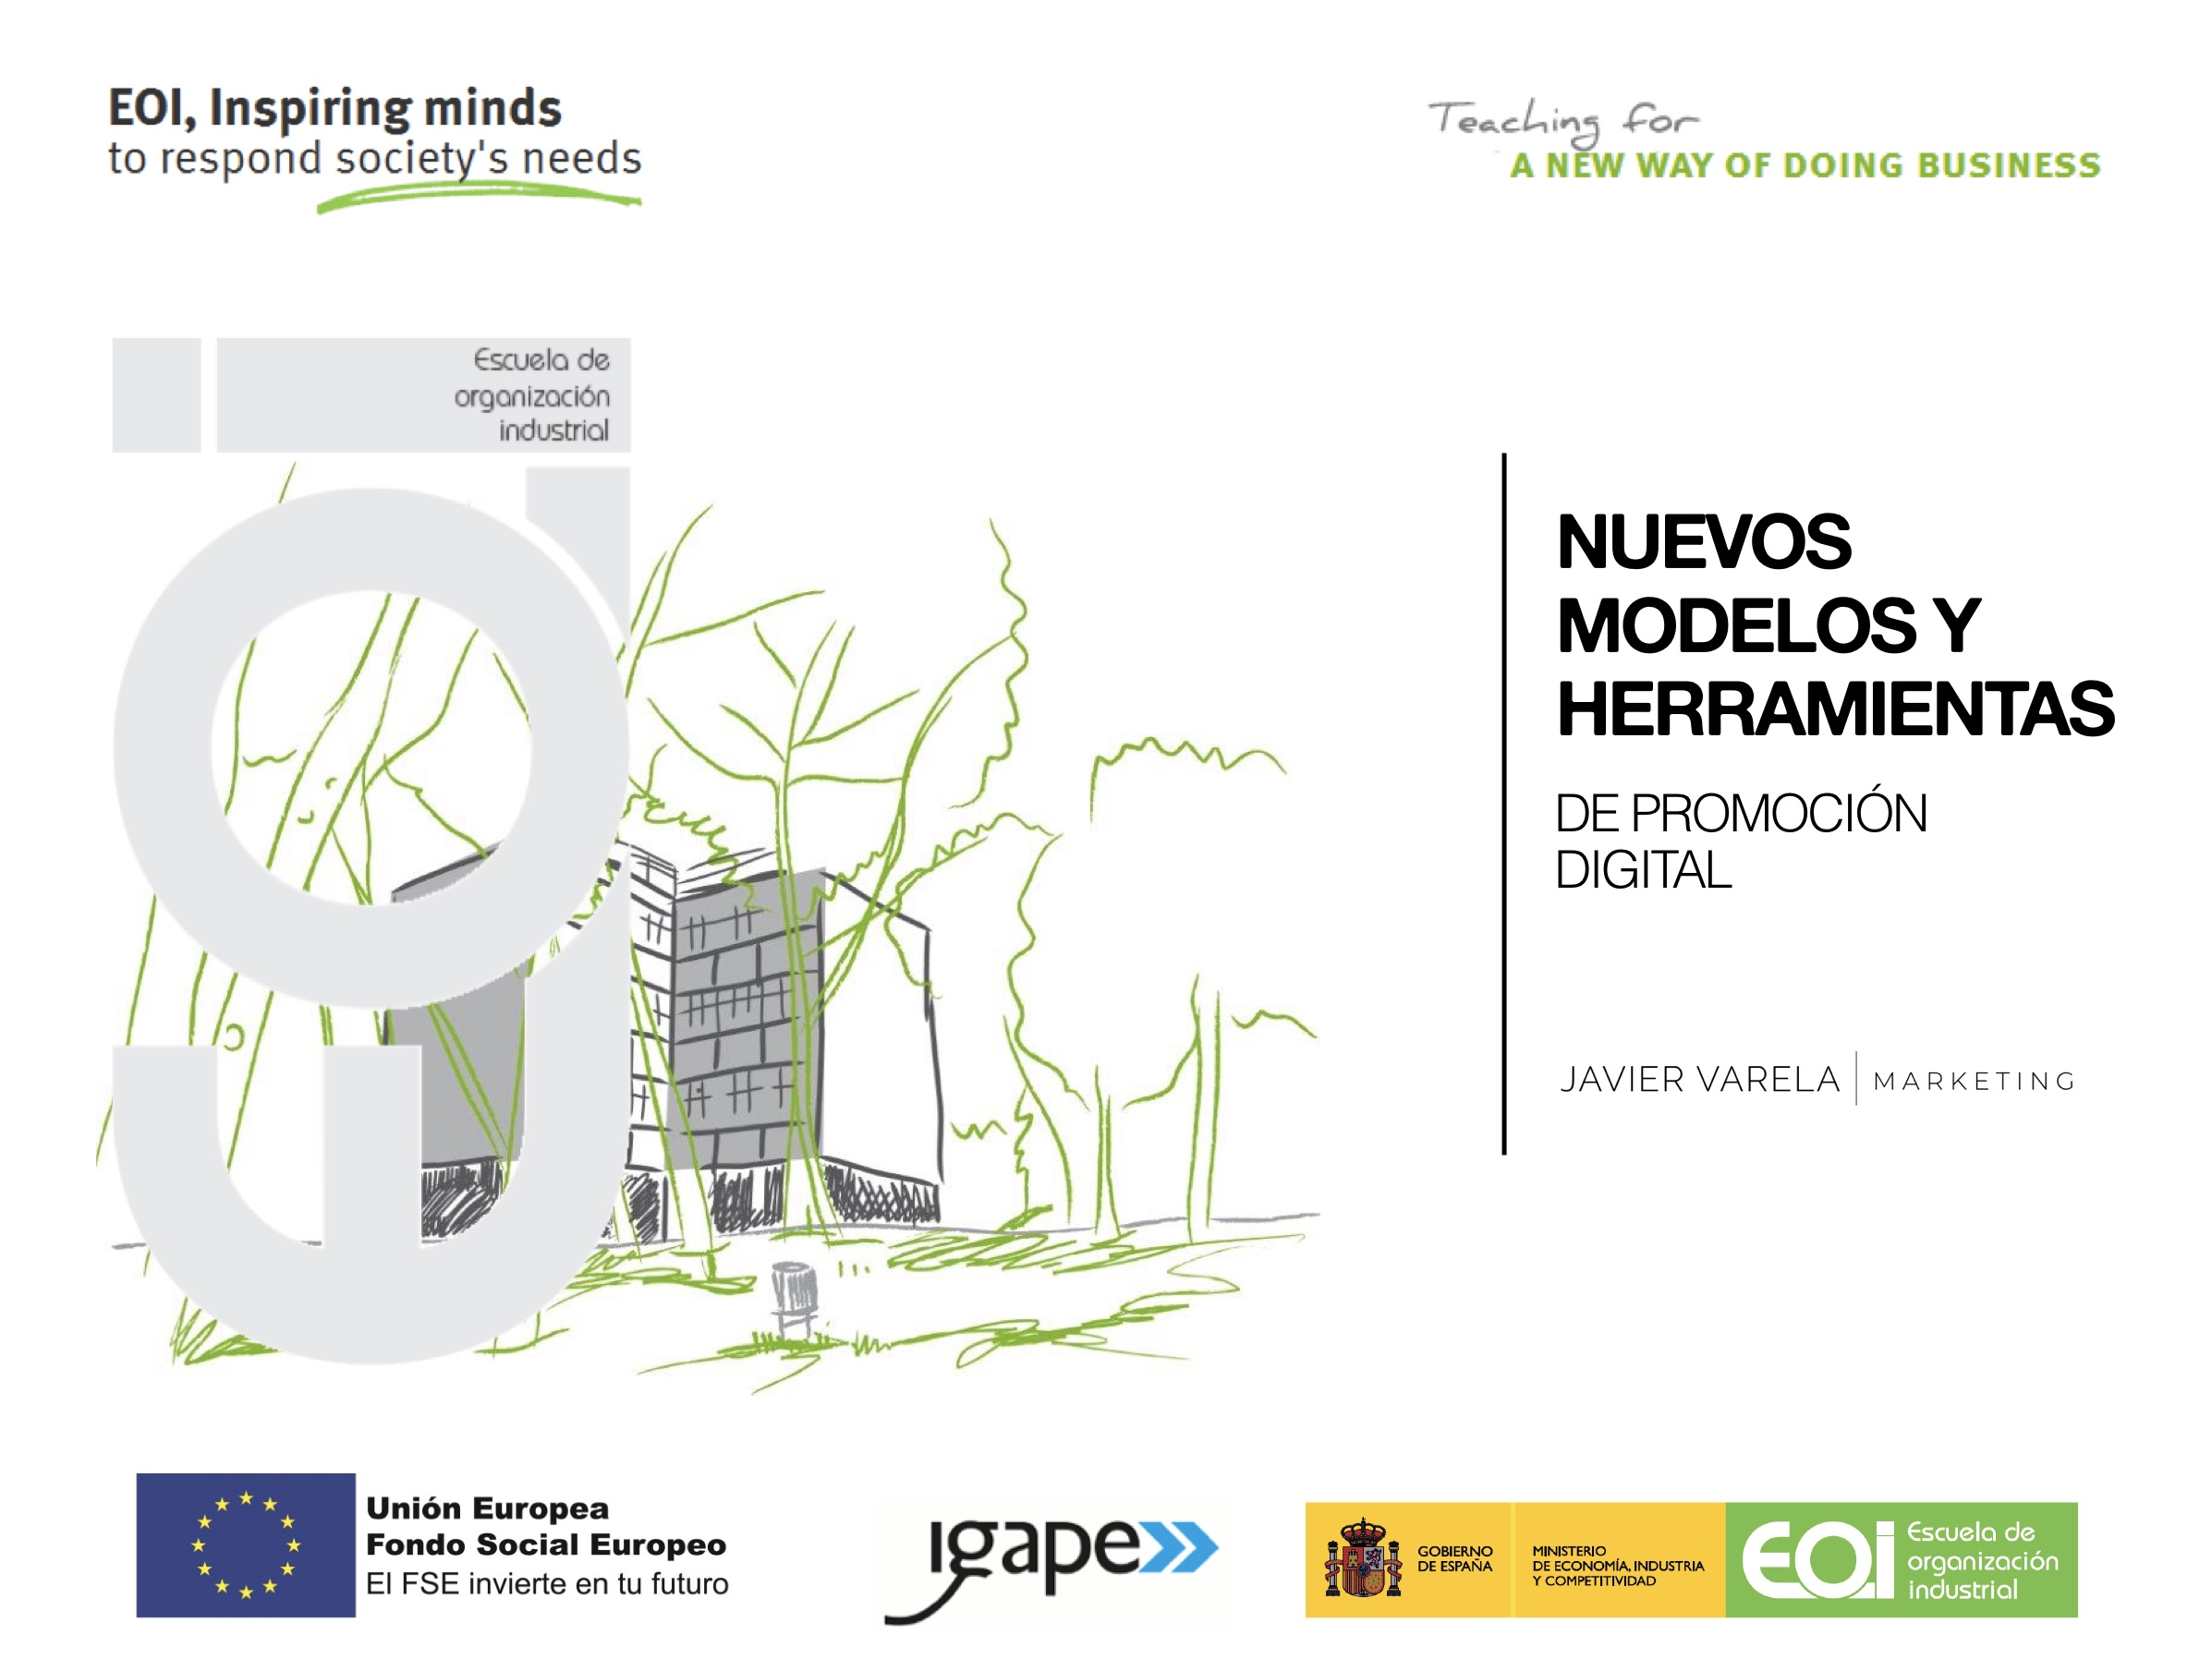 Curso De Nuevos Modelos De Promoción Digital En La EOI Con Javier Varela